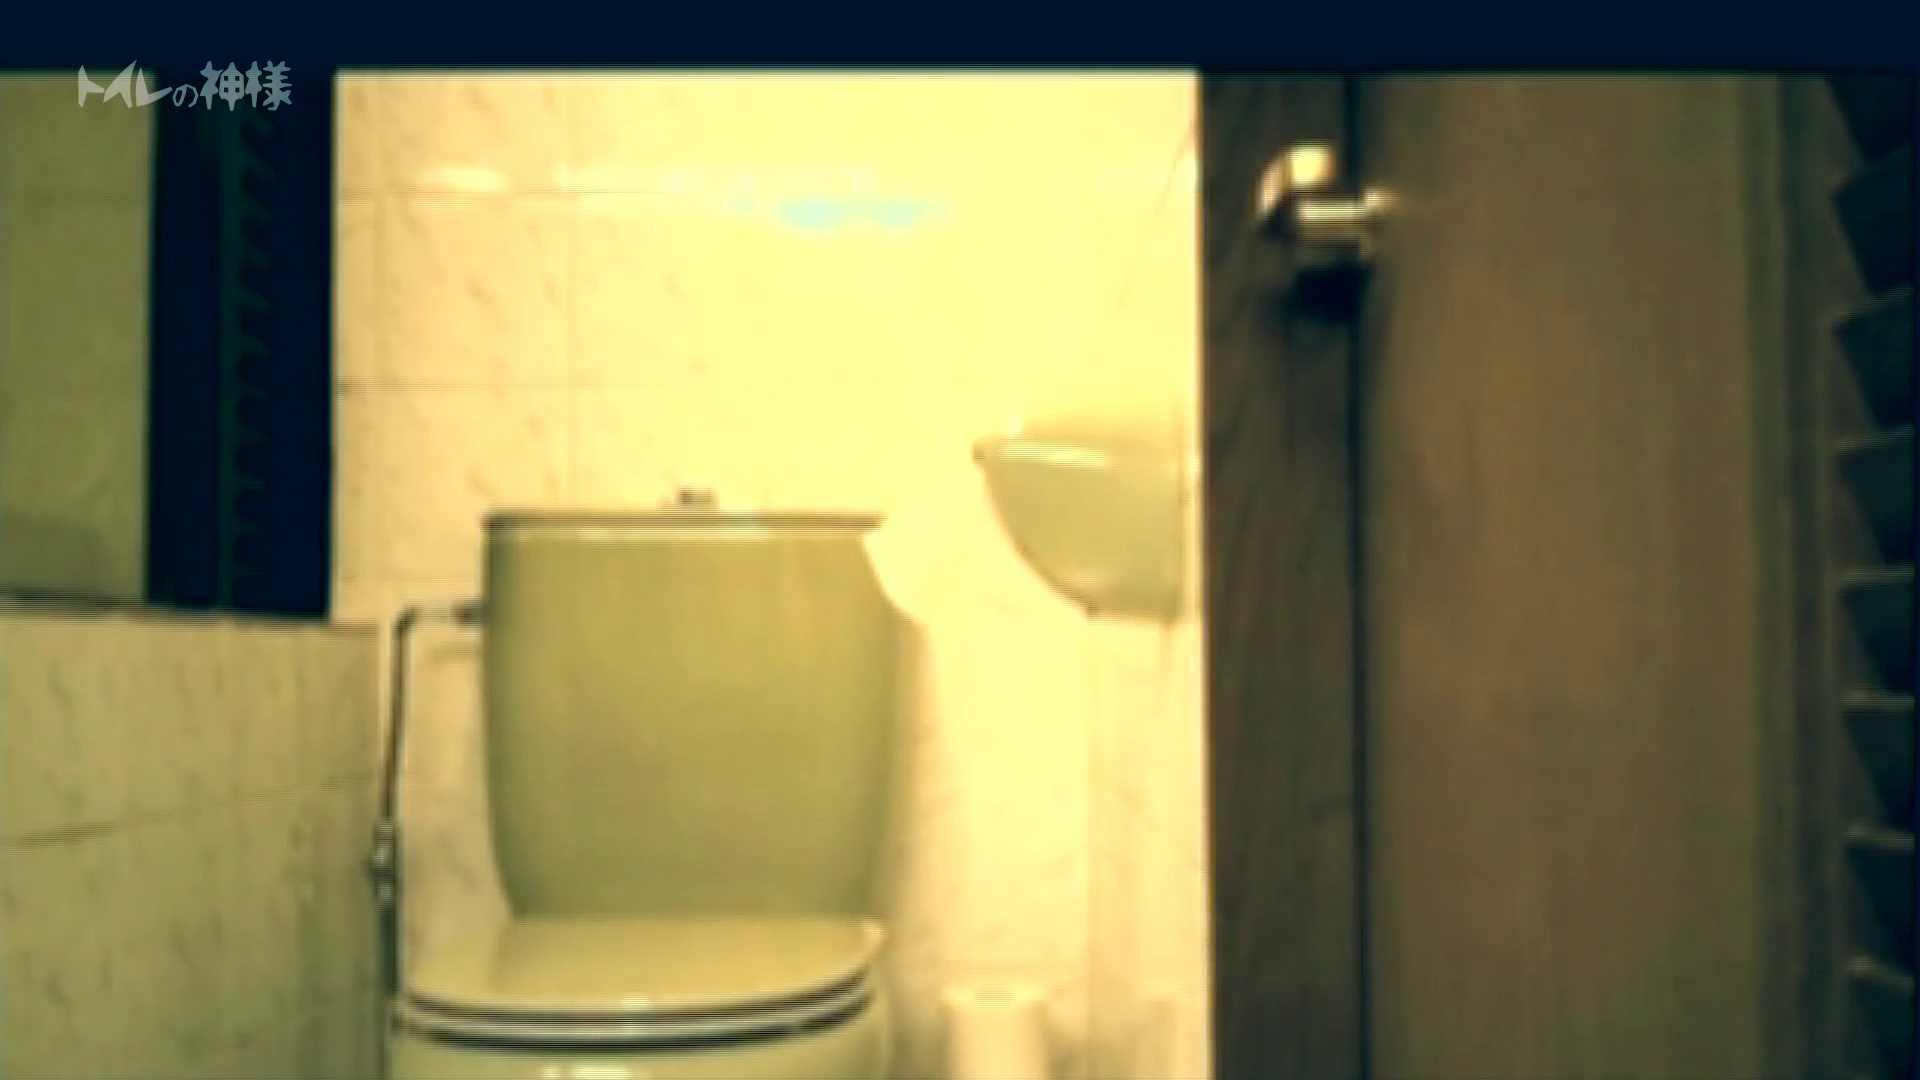 トイレの神様 Vol.01 花の女子大生うんこ盗撮1 OL | うんこ好き  25連発 4